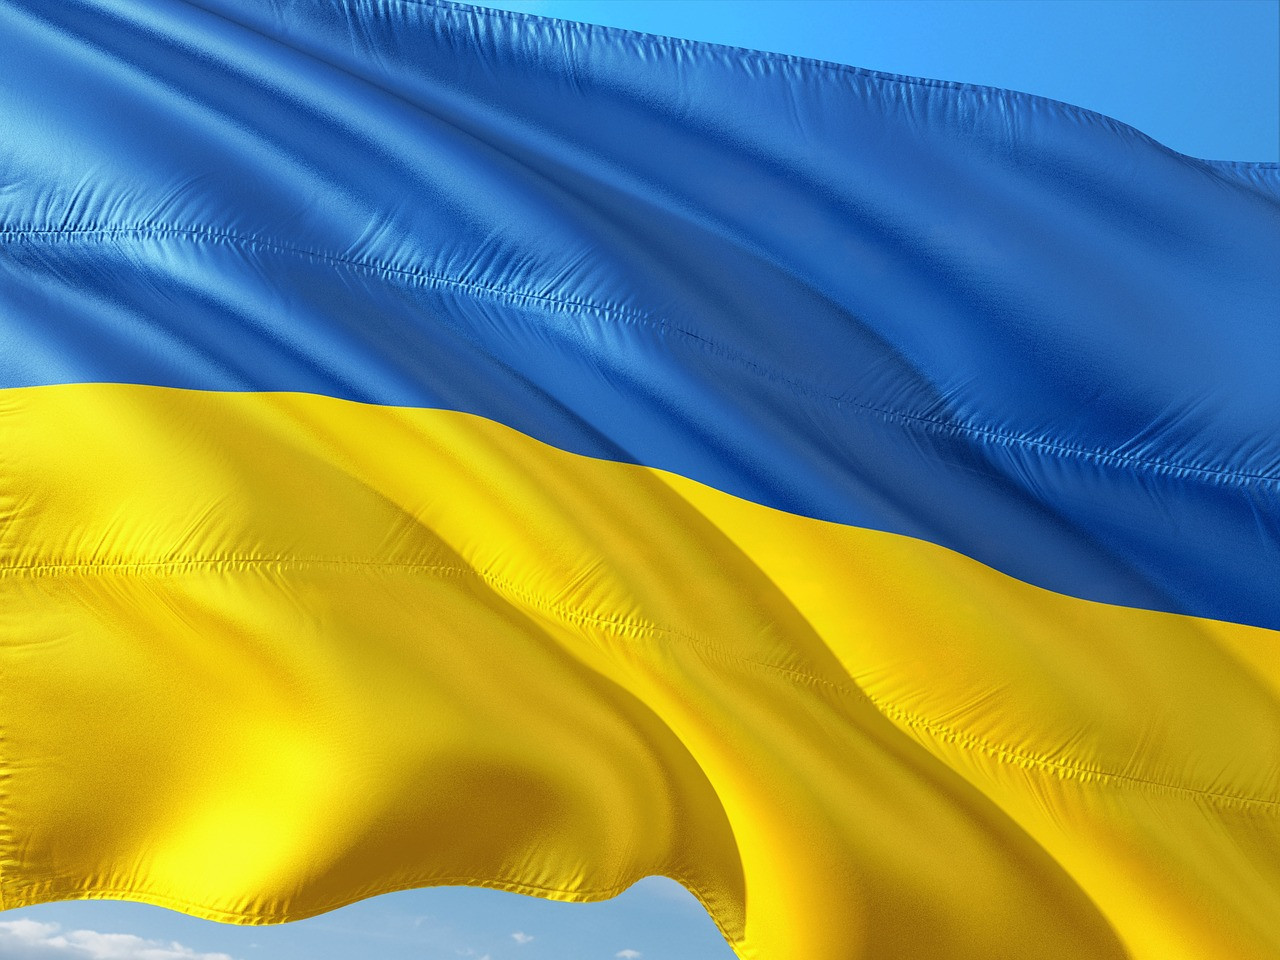 Прием окончен: ЦИК Украины побил все рекорды